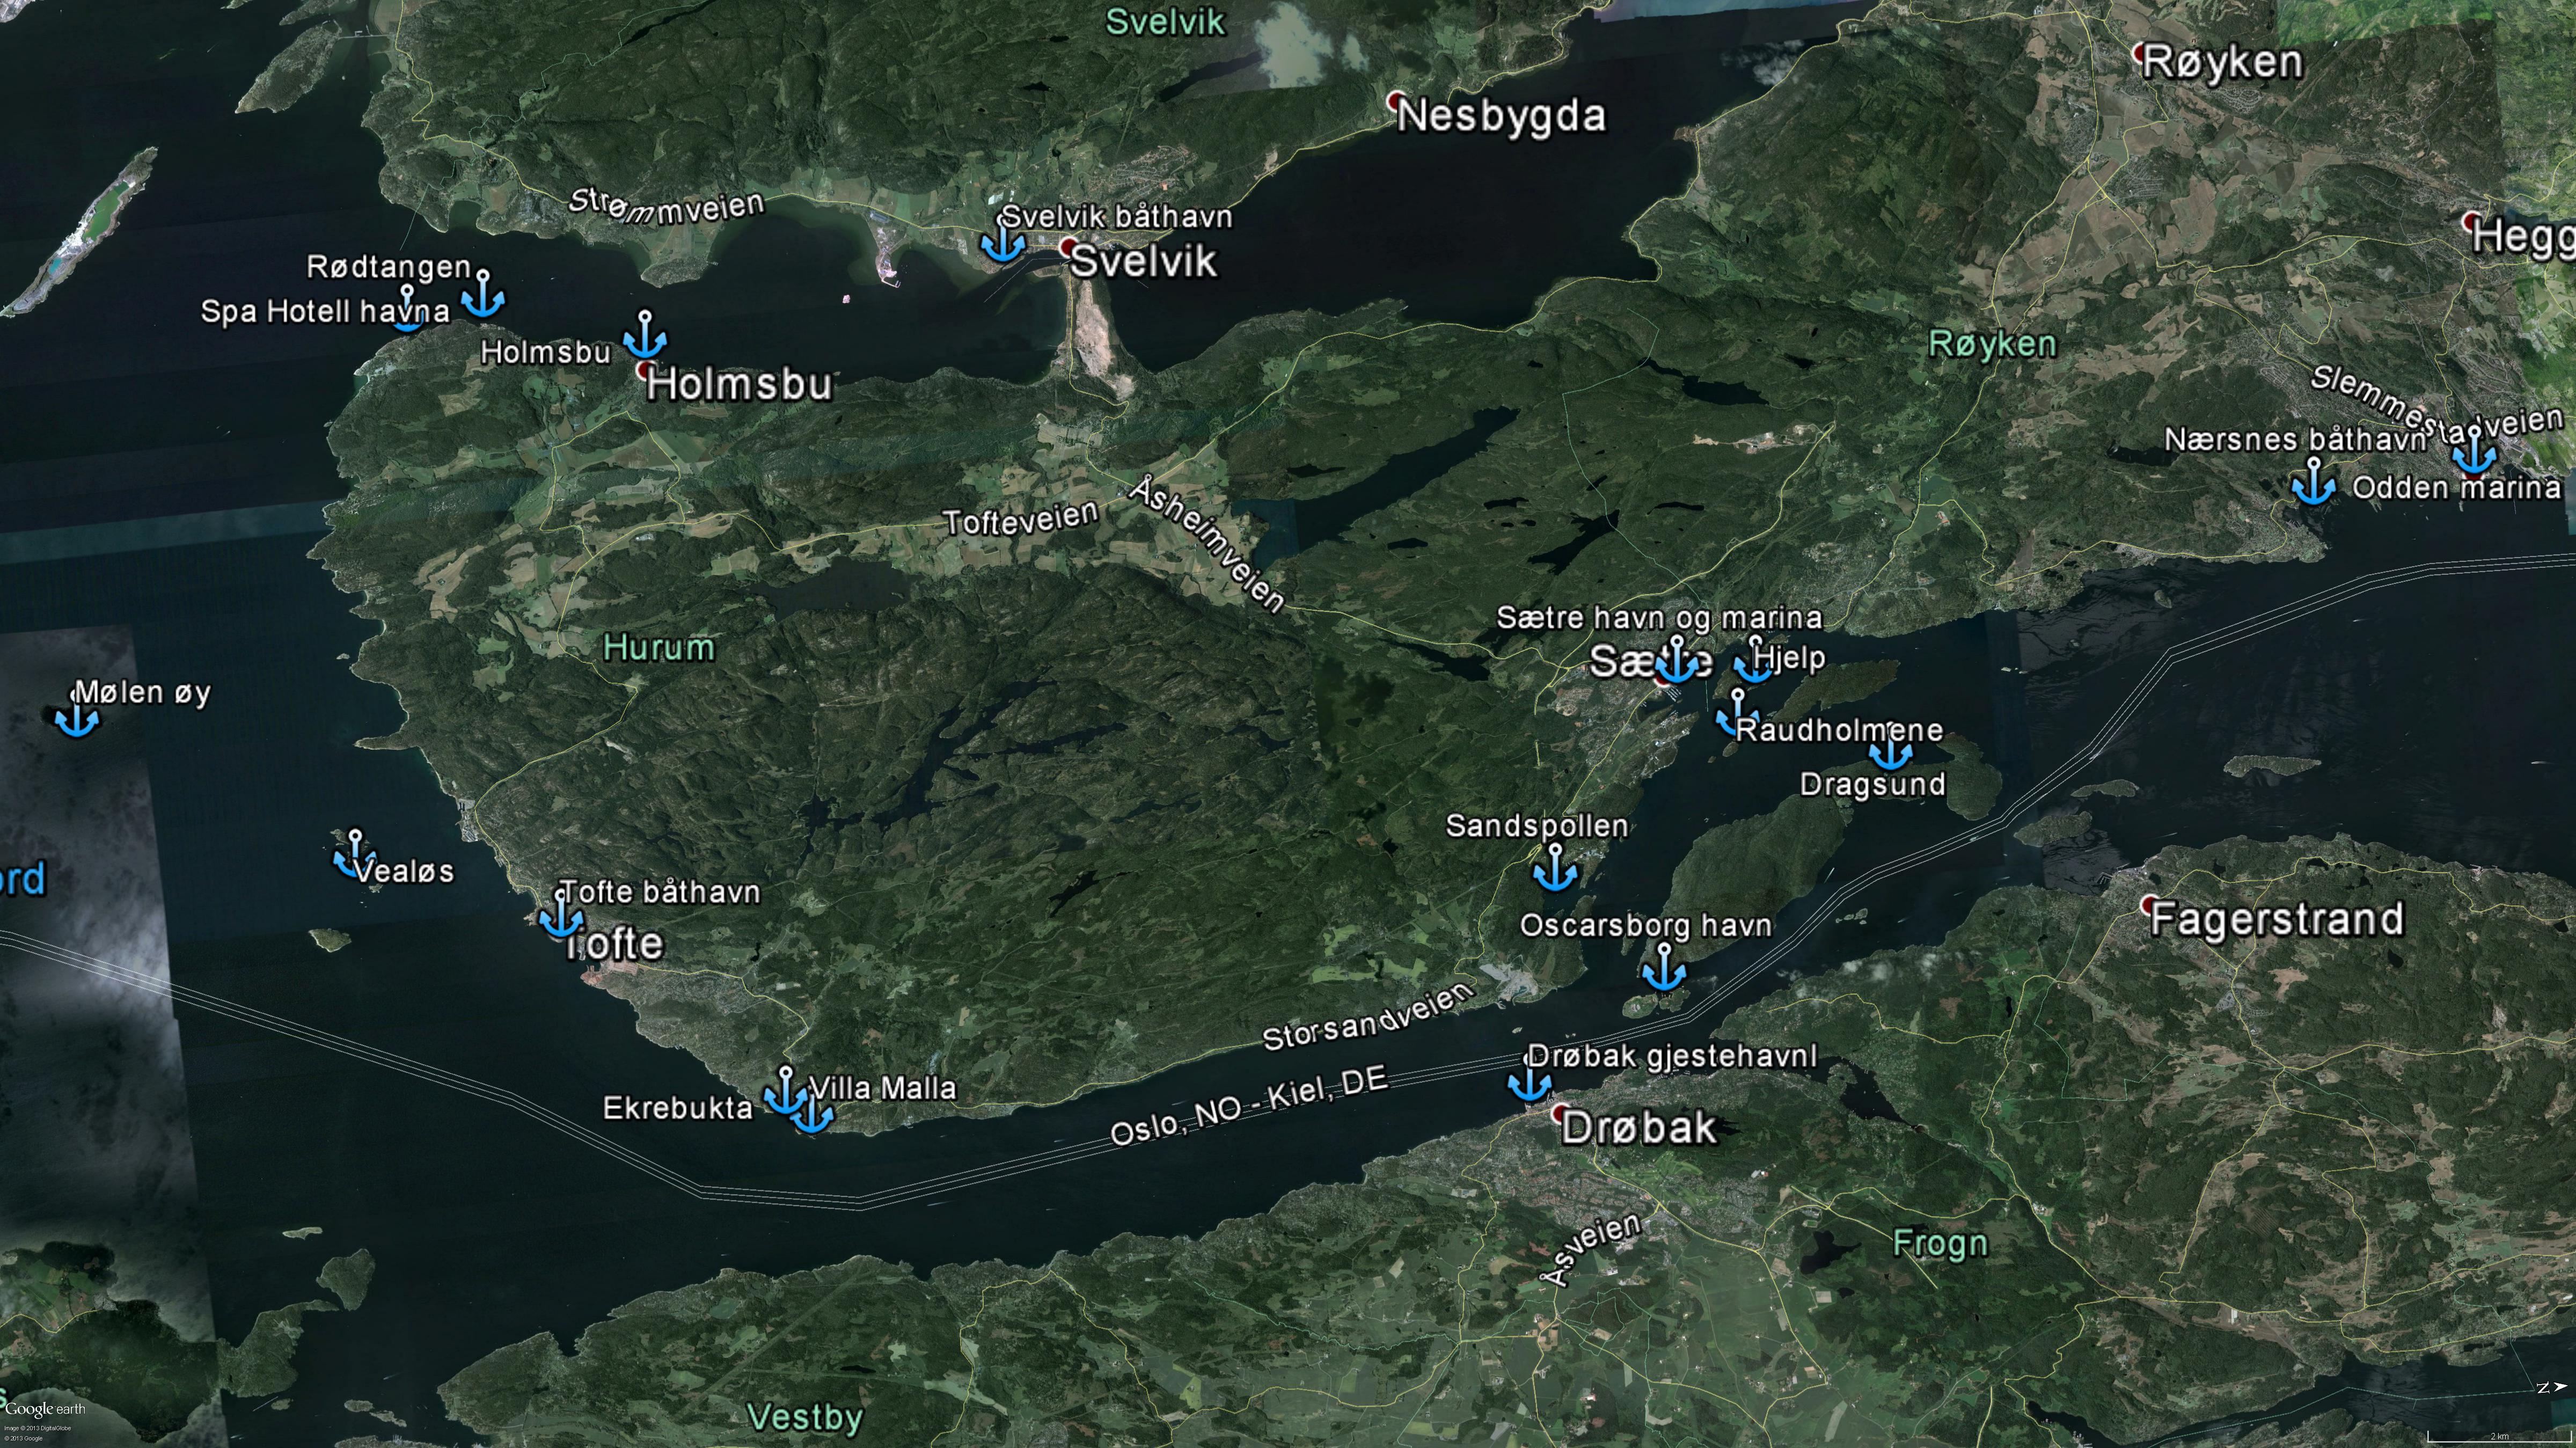 kart over røyken De 101 beste turene  og plassene i Røyken og Hurum |  om deling av  kart over røyken